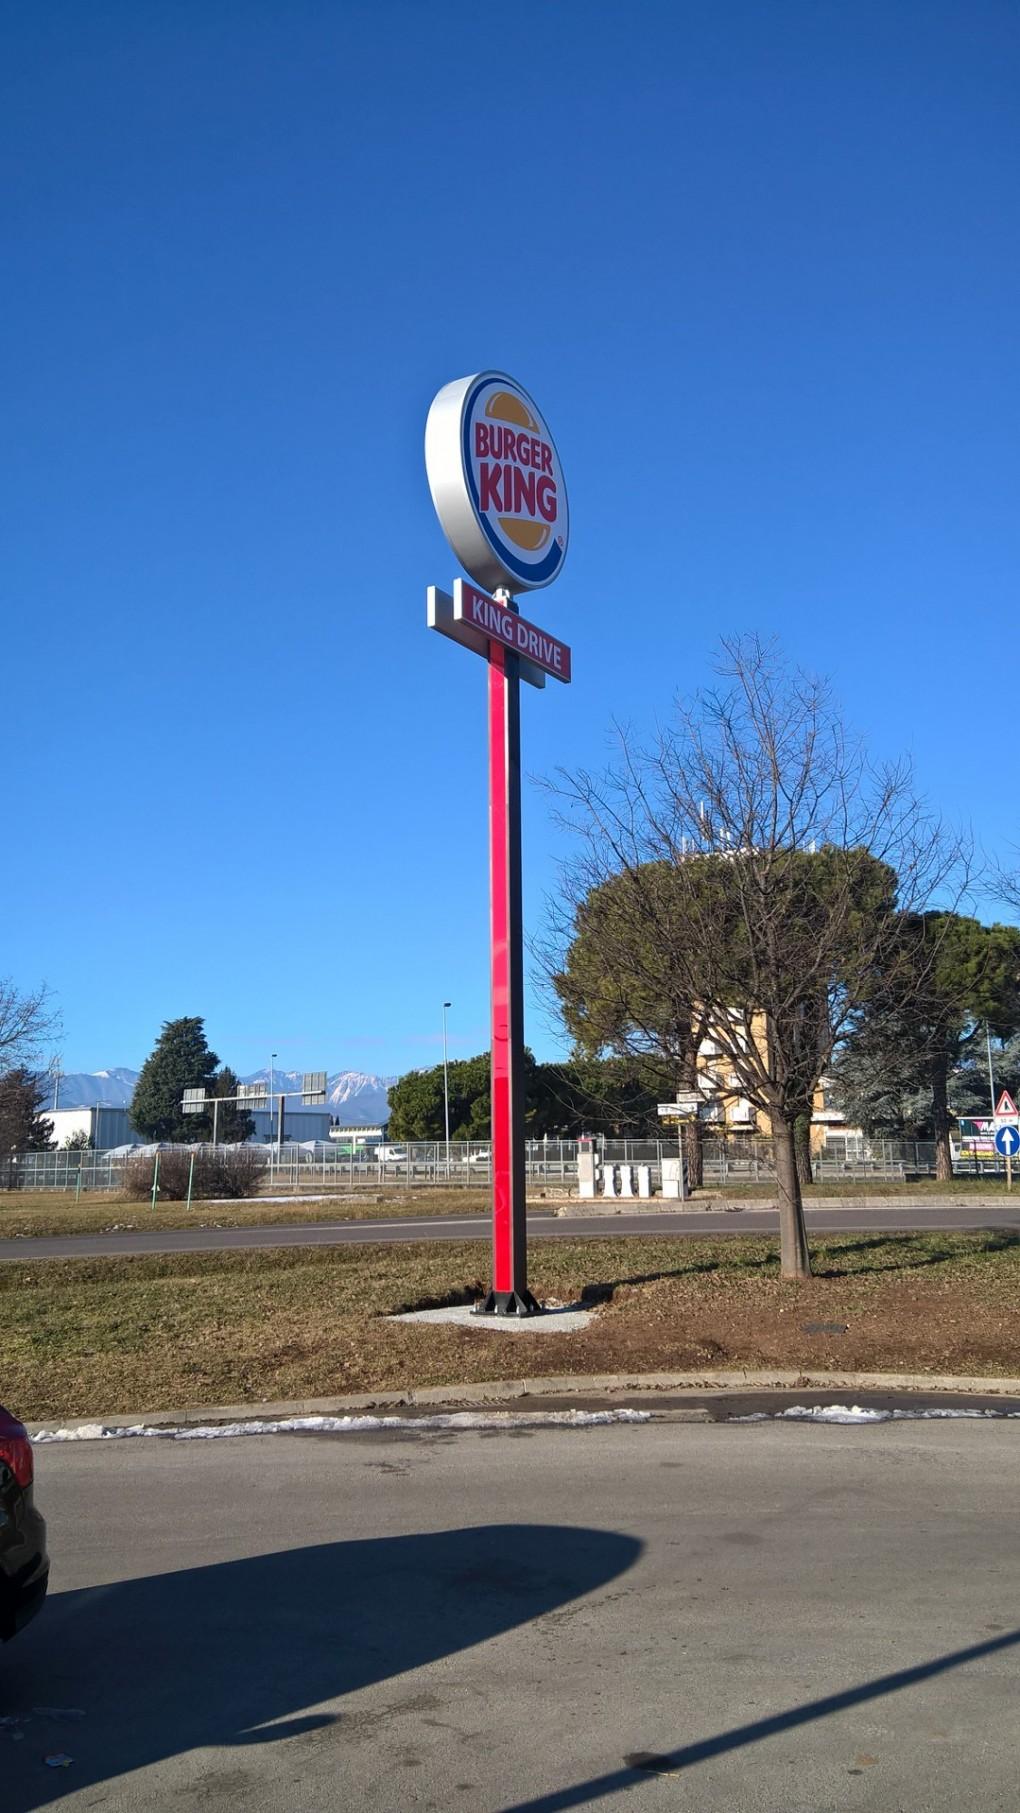 Vi_Thiene_Burger King (2)